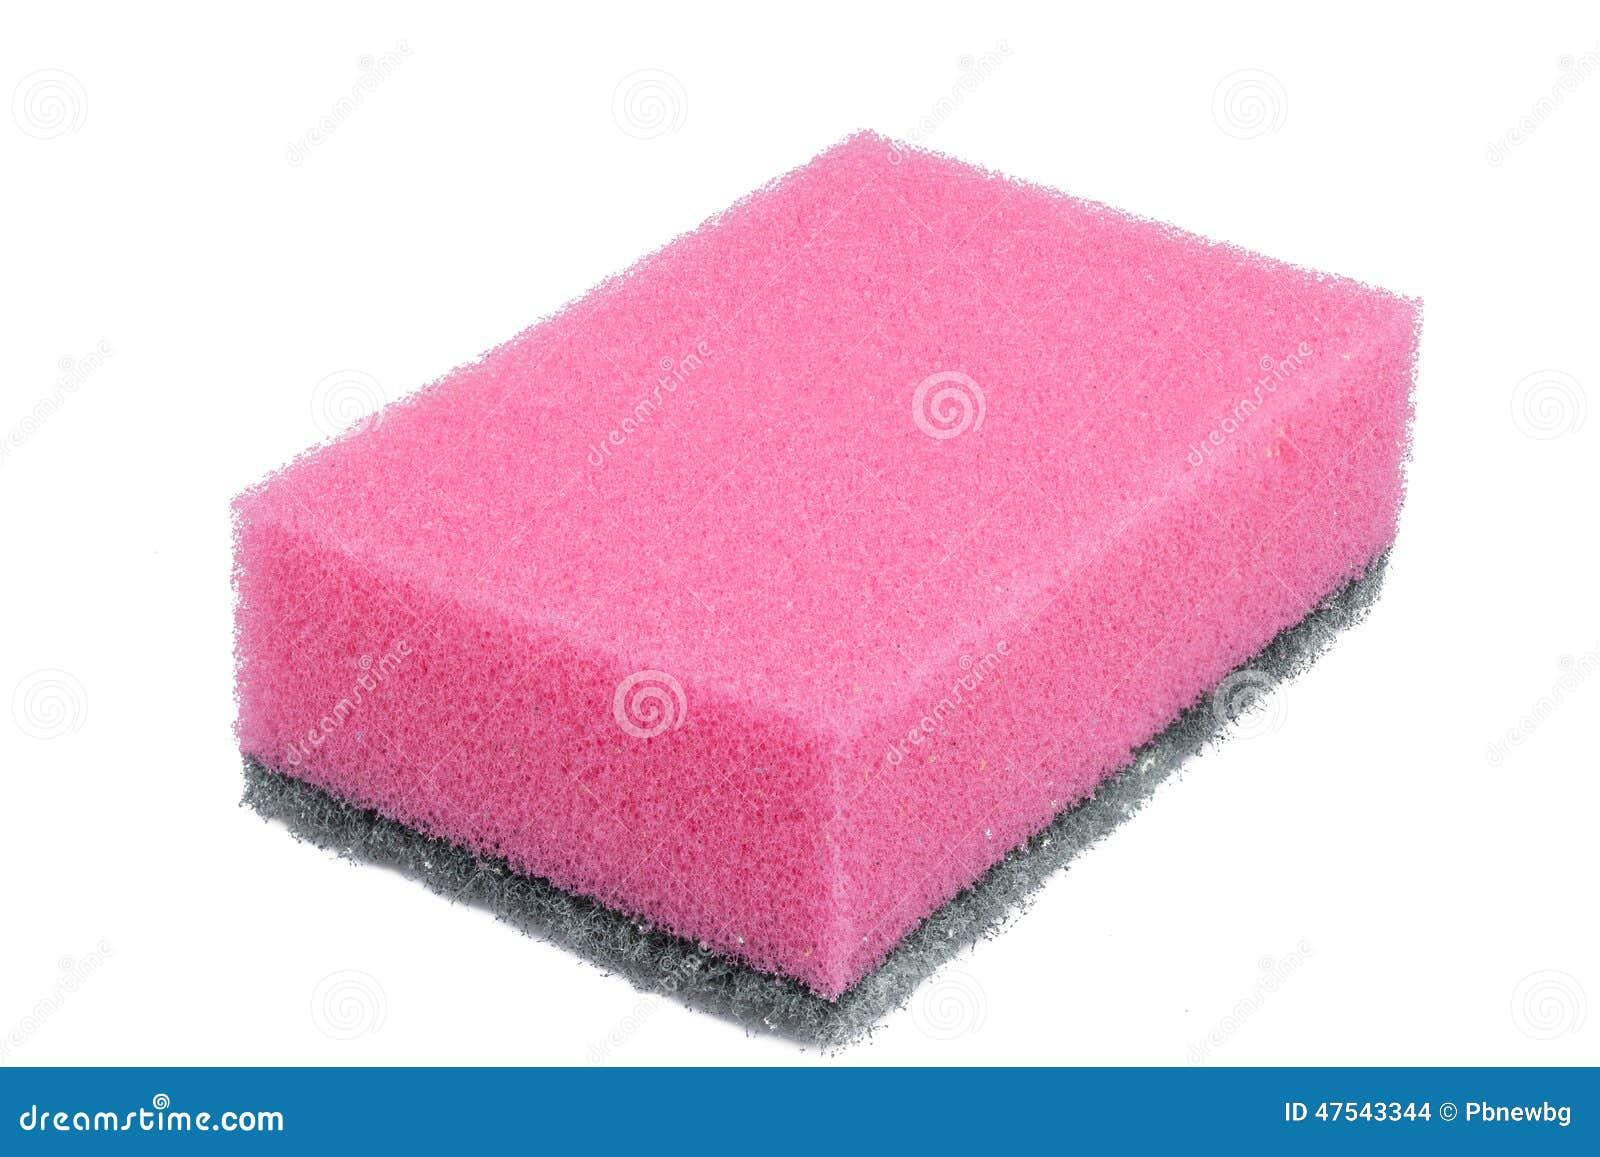 Sponge Cake Color Ef Bf Bd